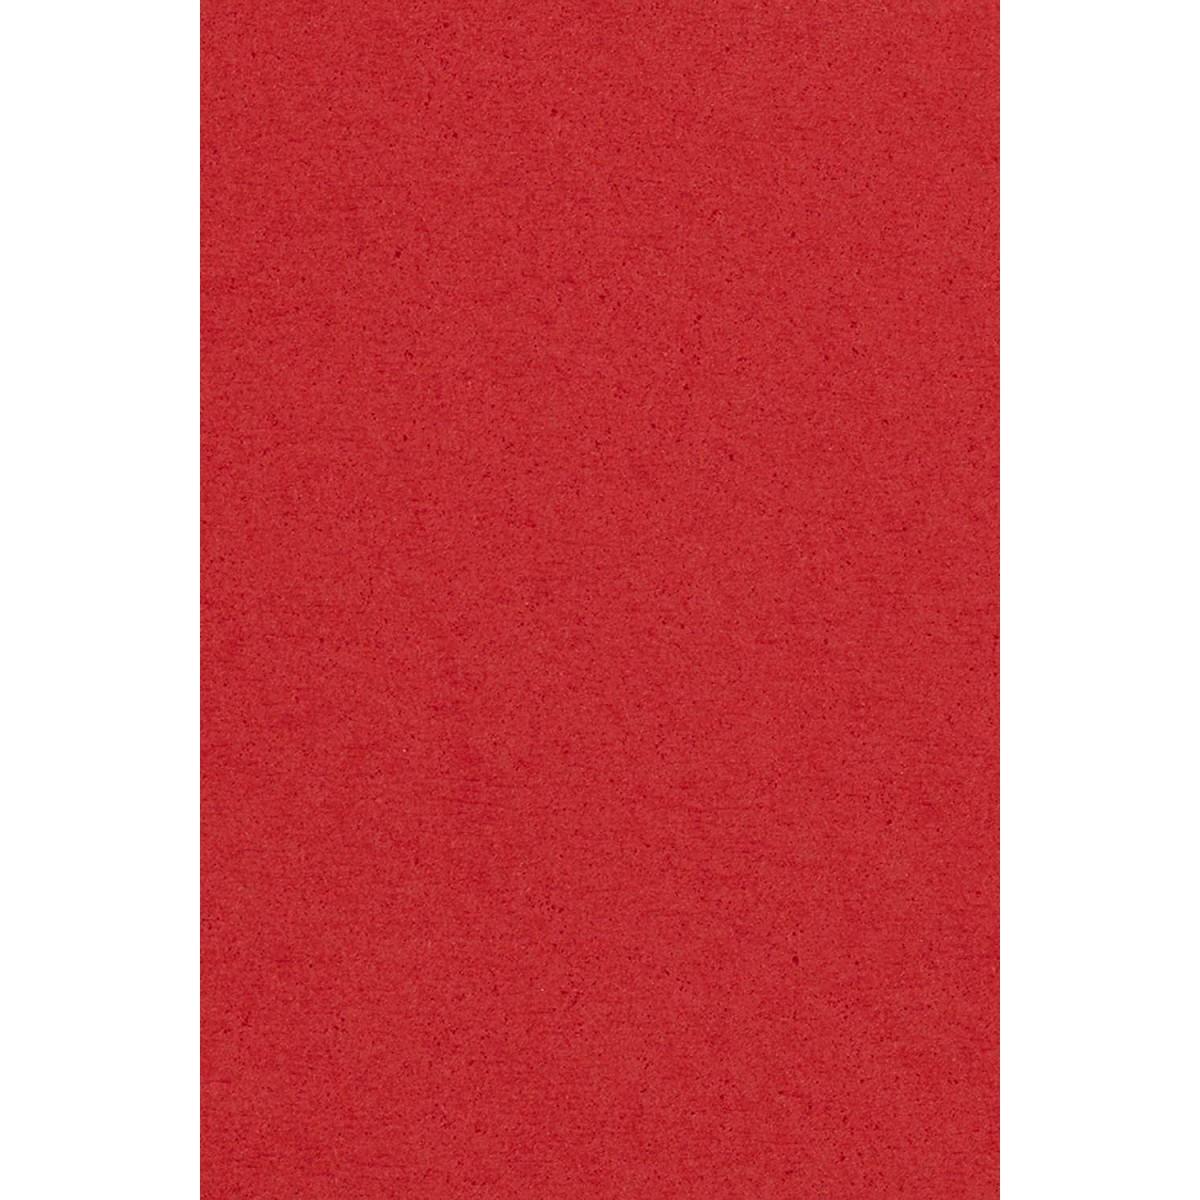 Tovaglia rossa di plastica, PVC, da 137 x 274cm, per feste